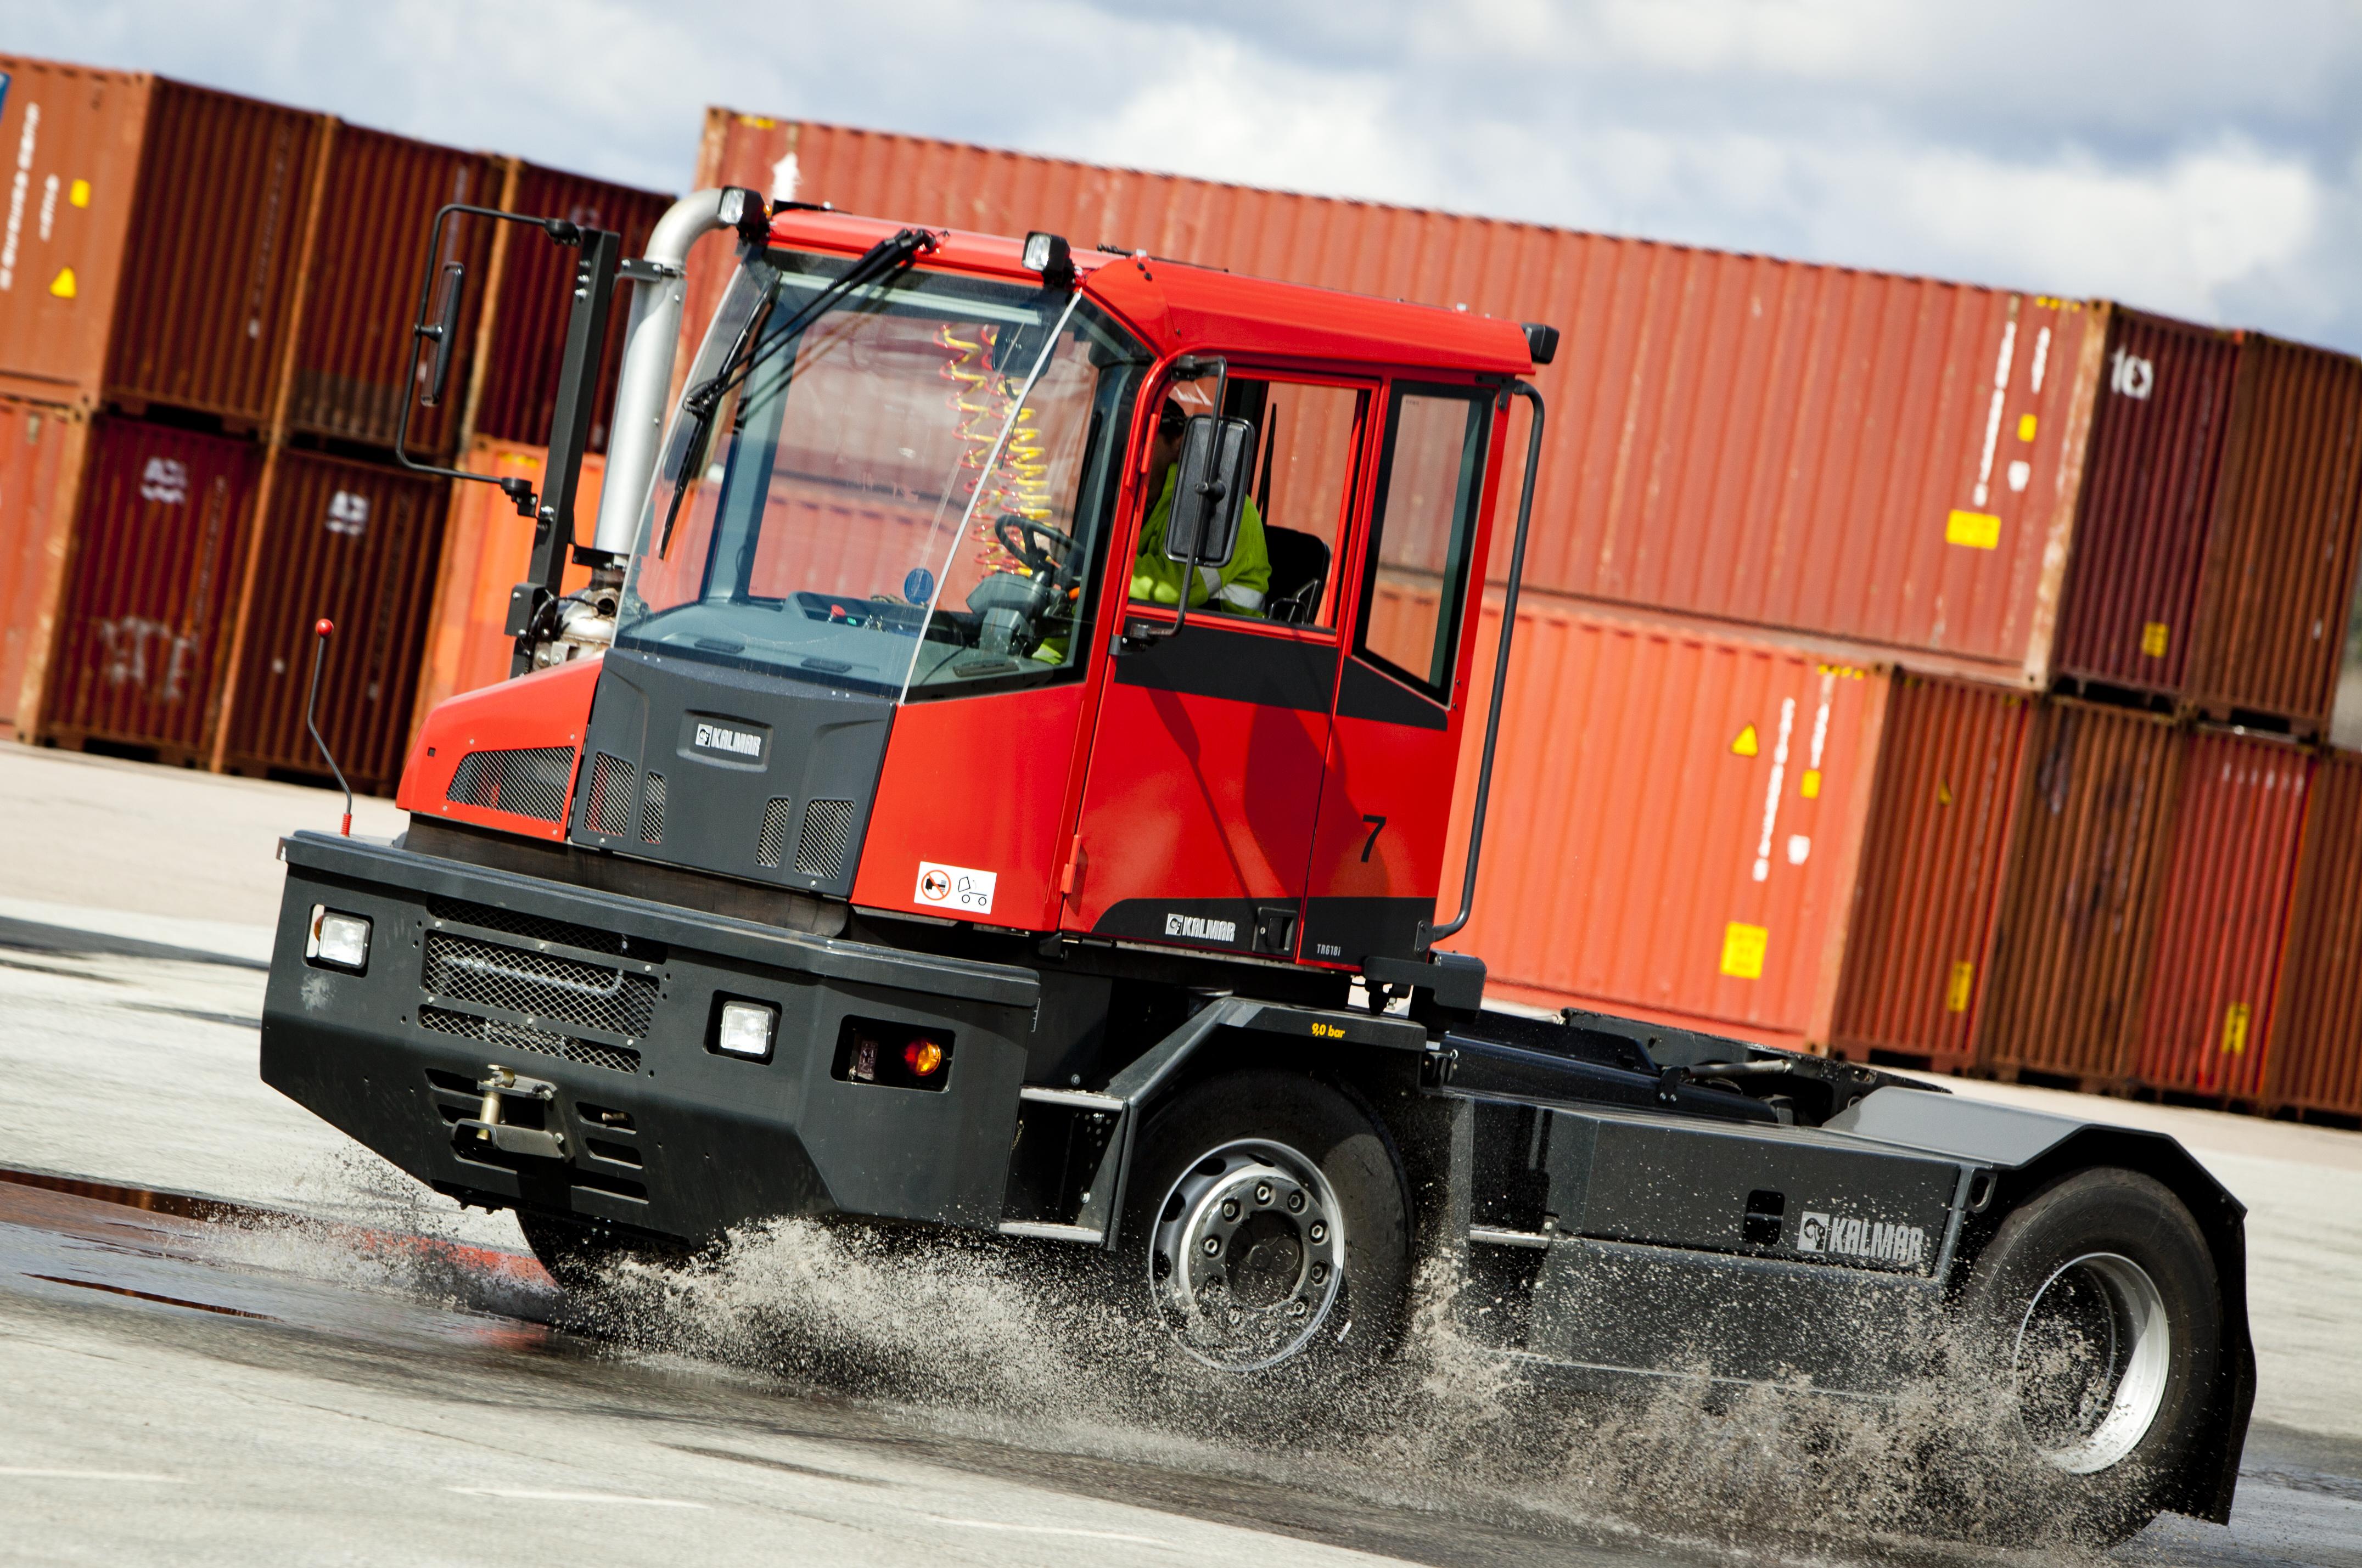 Kalmar entrega 10 tractores a terminal de contenedores de Puerto de Livorno